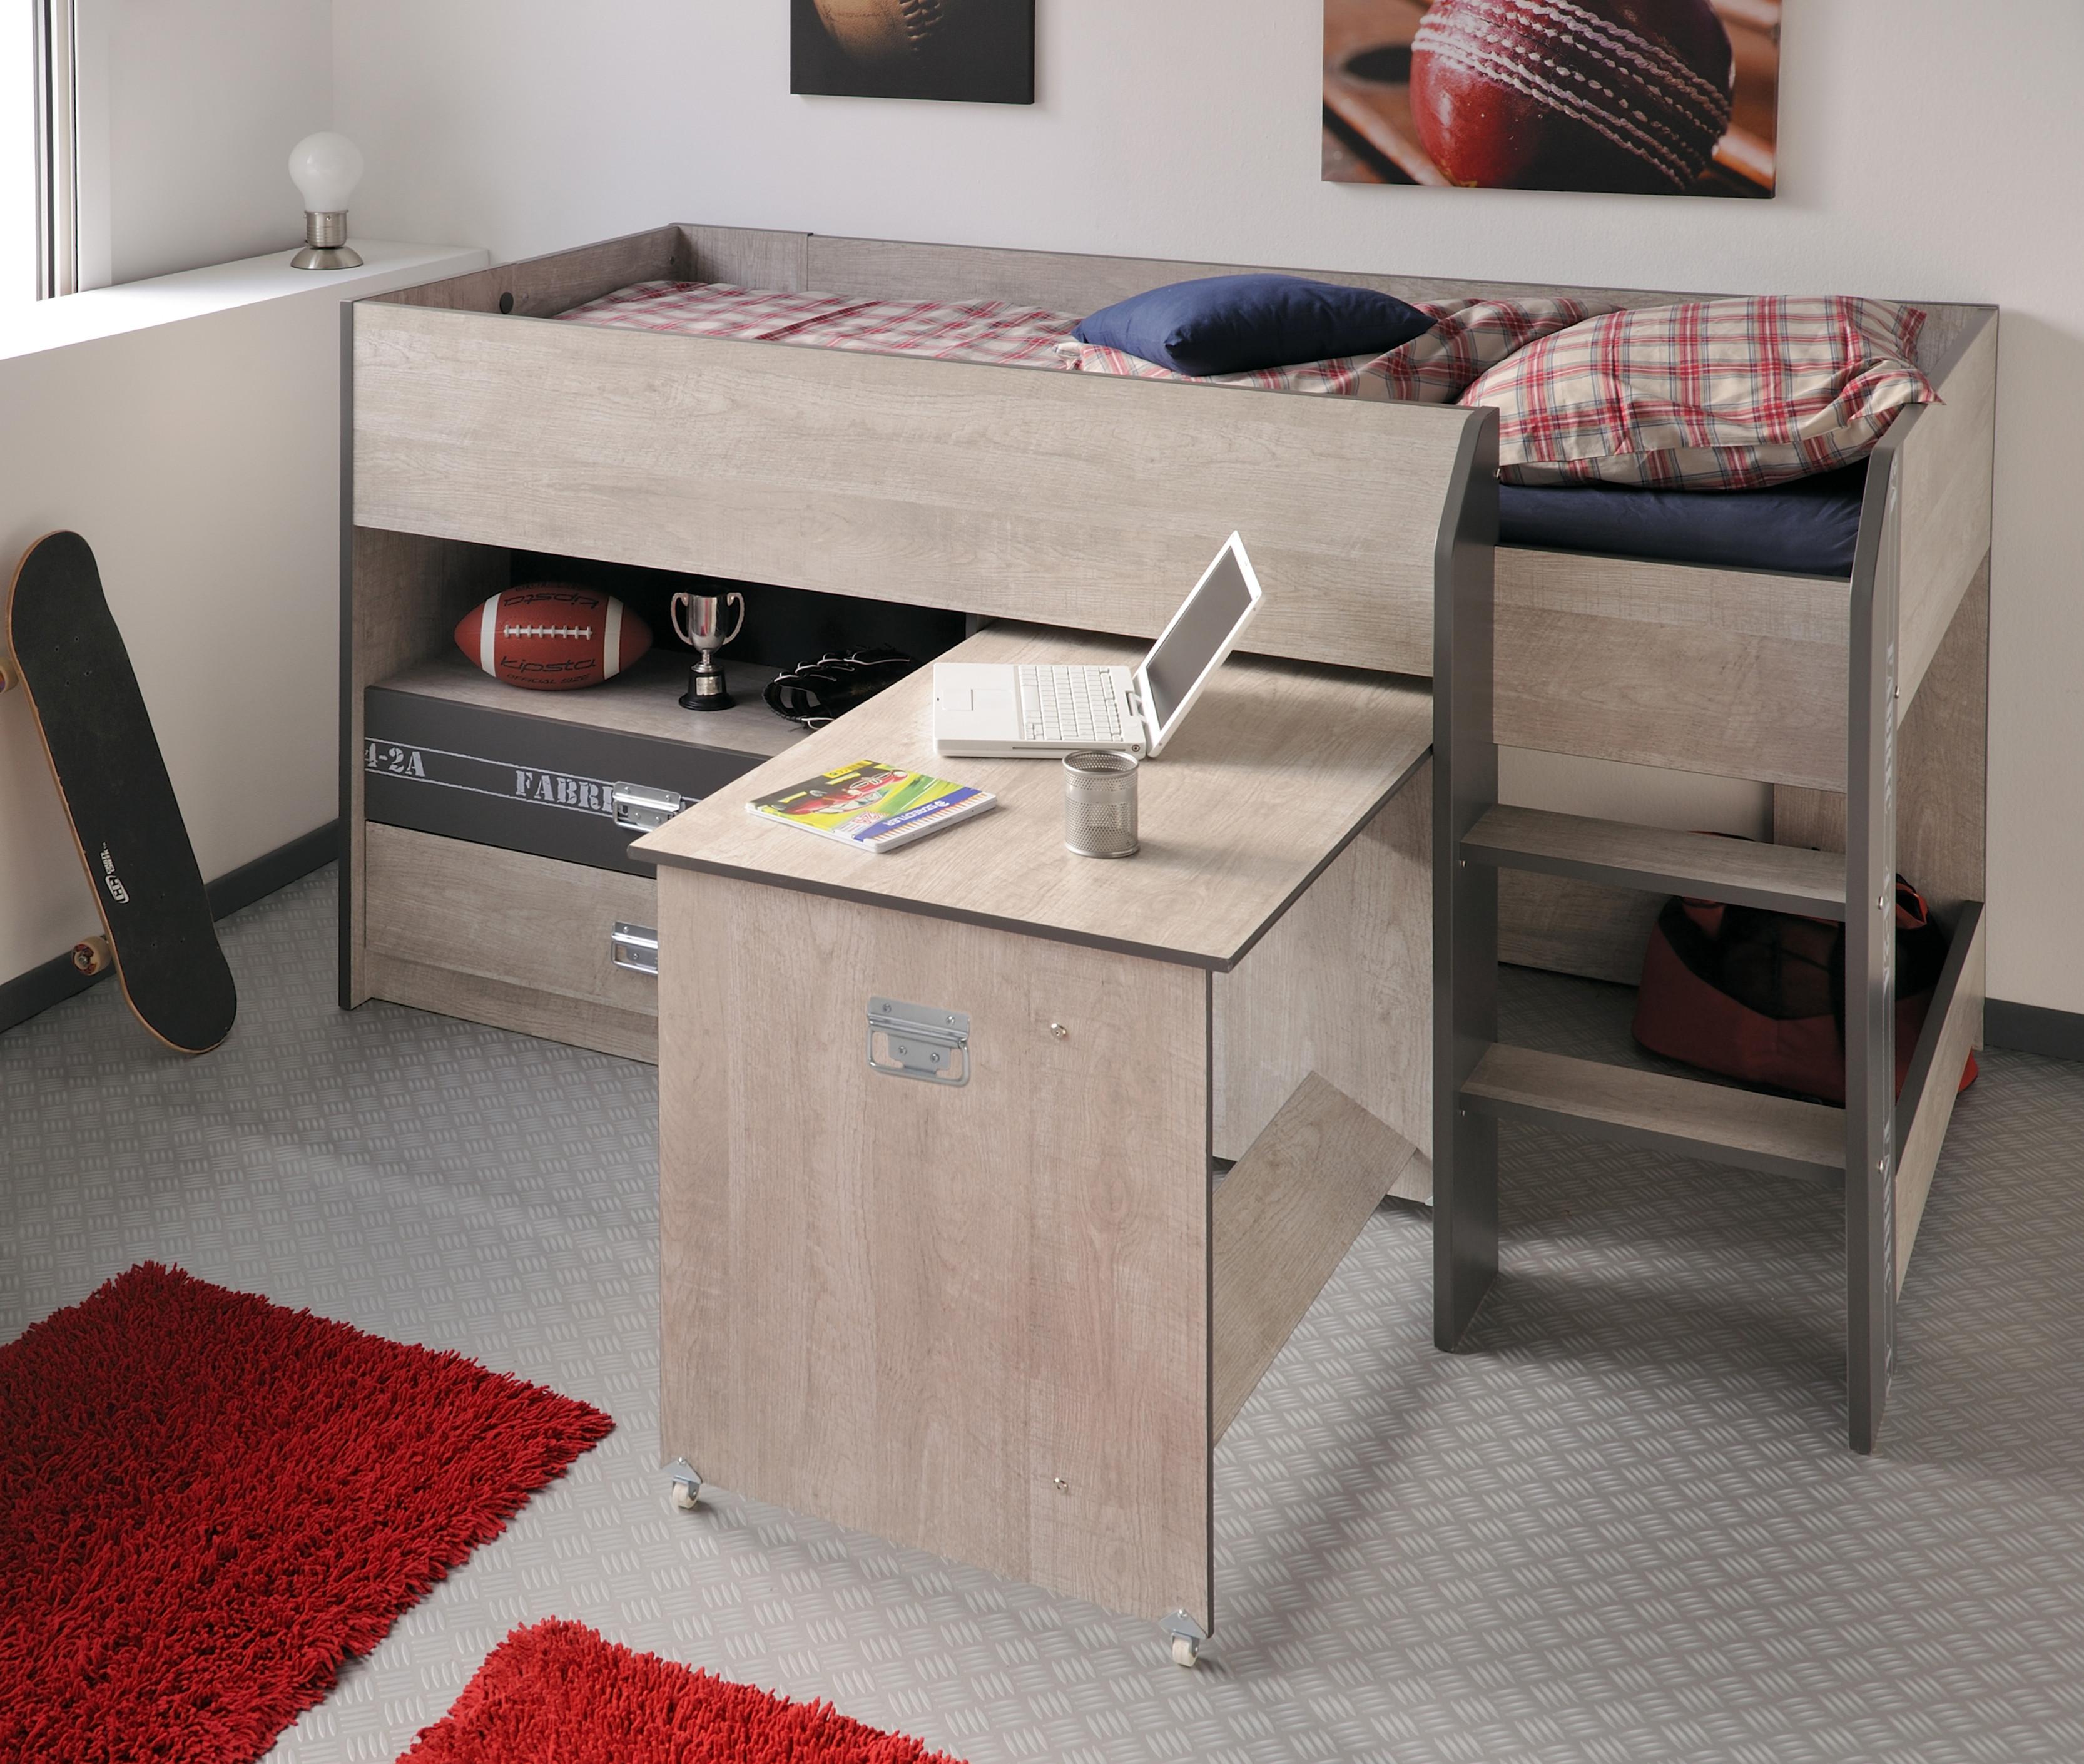 Hochbett Mit Schreibtisch  Hochbett mit Schreibtisch Fabric9